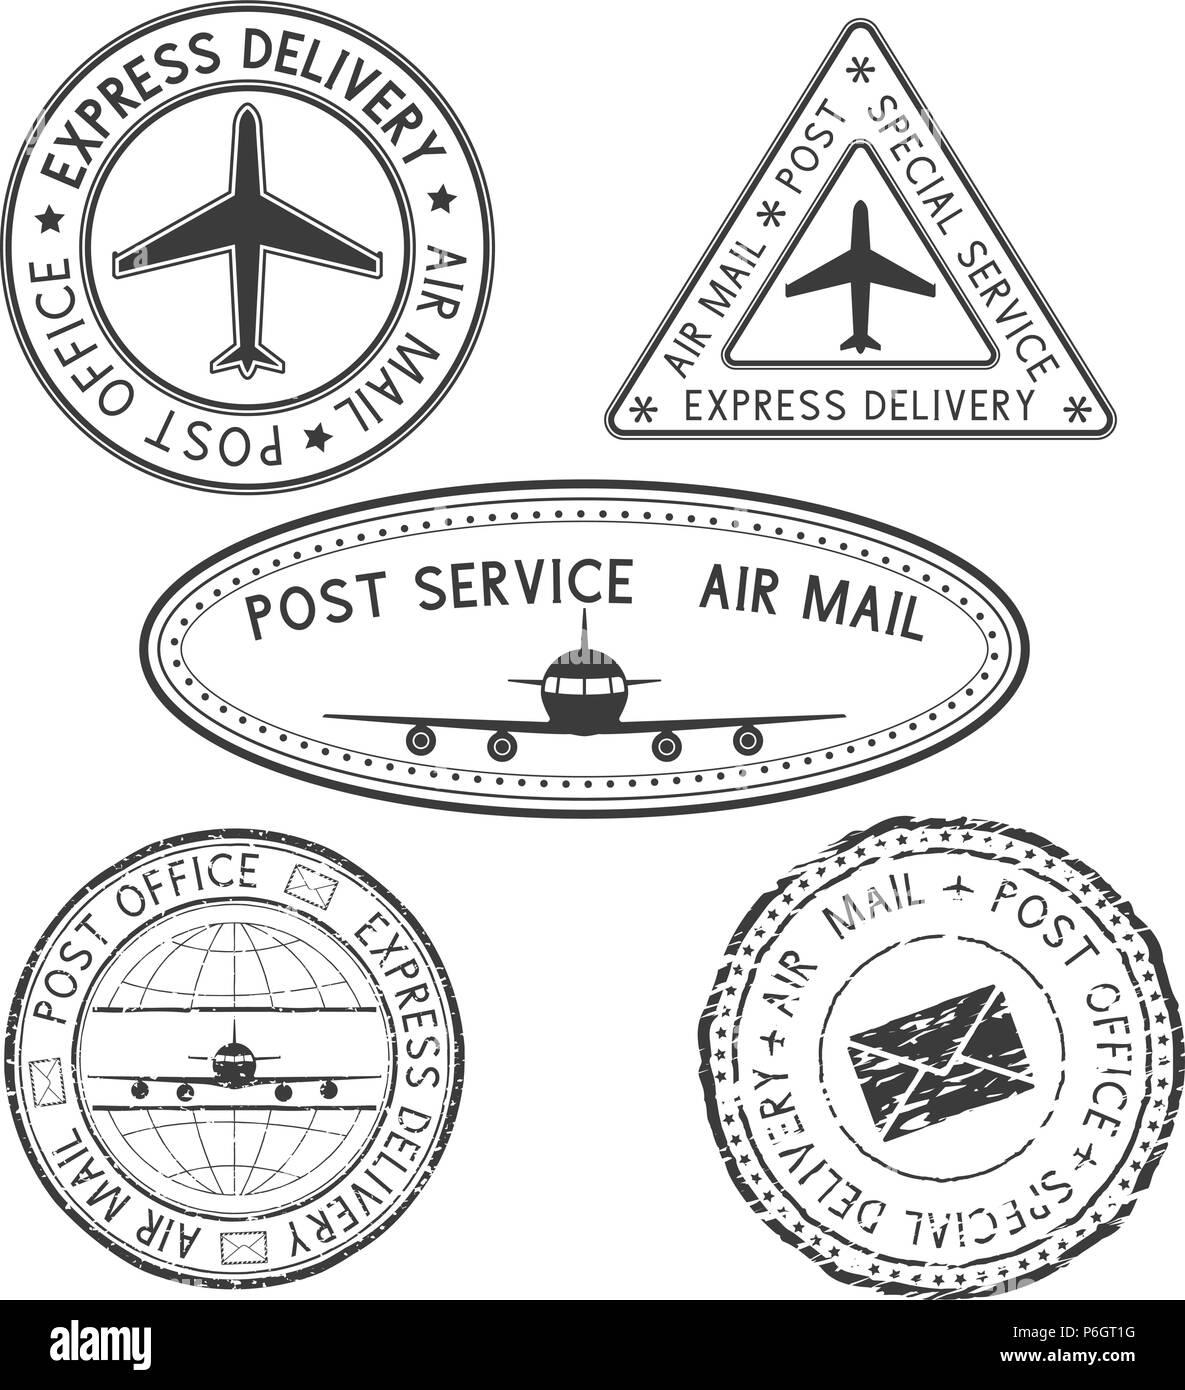 Postmarks. Black ink postal stamps - Stock Vector